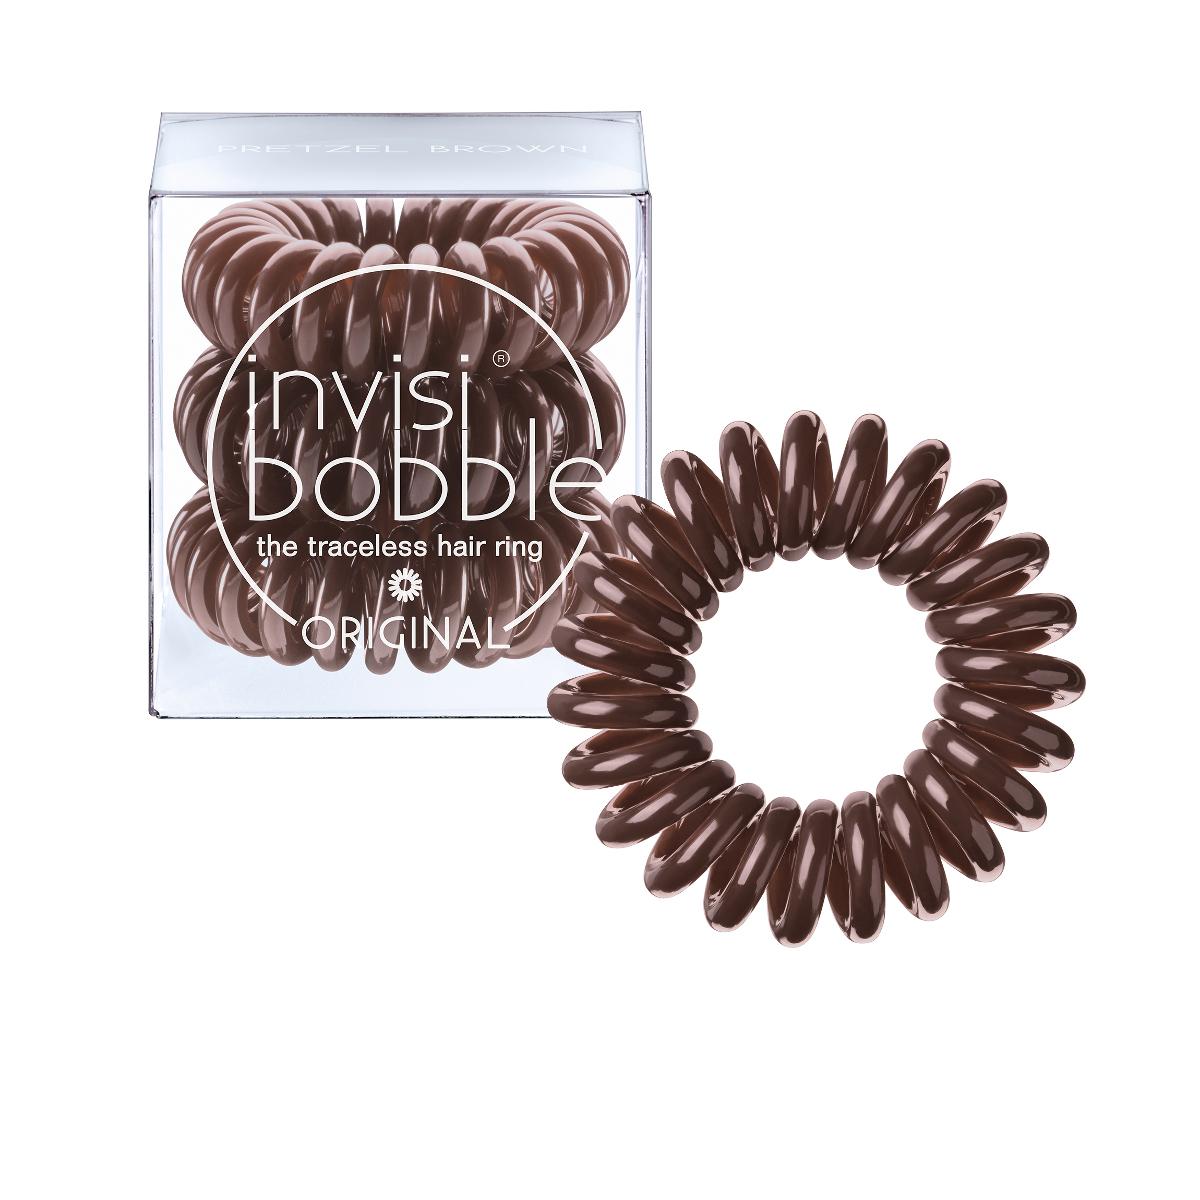 Invisibobble Резинка-браслет для волос Original Pretzel Brown3041Оттенок invsibobble pretzel brown из коллекции ORIGINAL идеально подойдет для темноволосых девушек и позволит создать безупречный образ! В коллекцию ORIGINAL вошли наиболее популярные цвета резинок-браслетов, а также новые цвета для создания безупречного образа на каждый день. Резинки-браслеты invisibobble подходят для всех типов волос, надежно фиксируют причёску, не оставляют заломов и не вызывают головную боль благодаря неравномерному распределению давления на волосы. Кроме того, они не намокают и не вызывают аллергию при контакте с кожей, поскольку изготовлены из искусственной смолы.